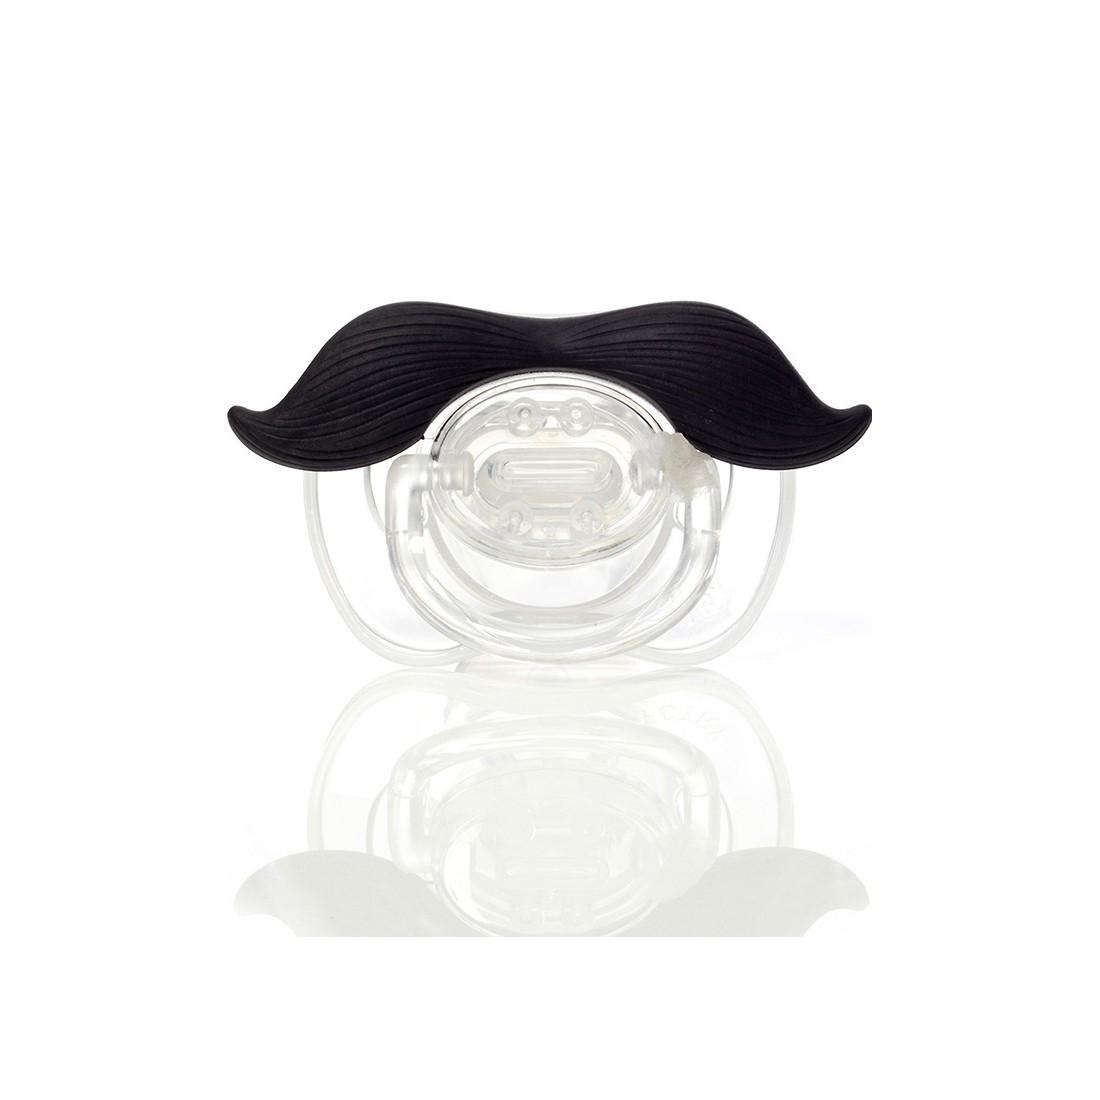 Tétine moustache gentleman